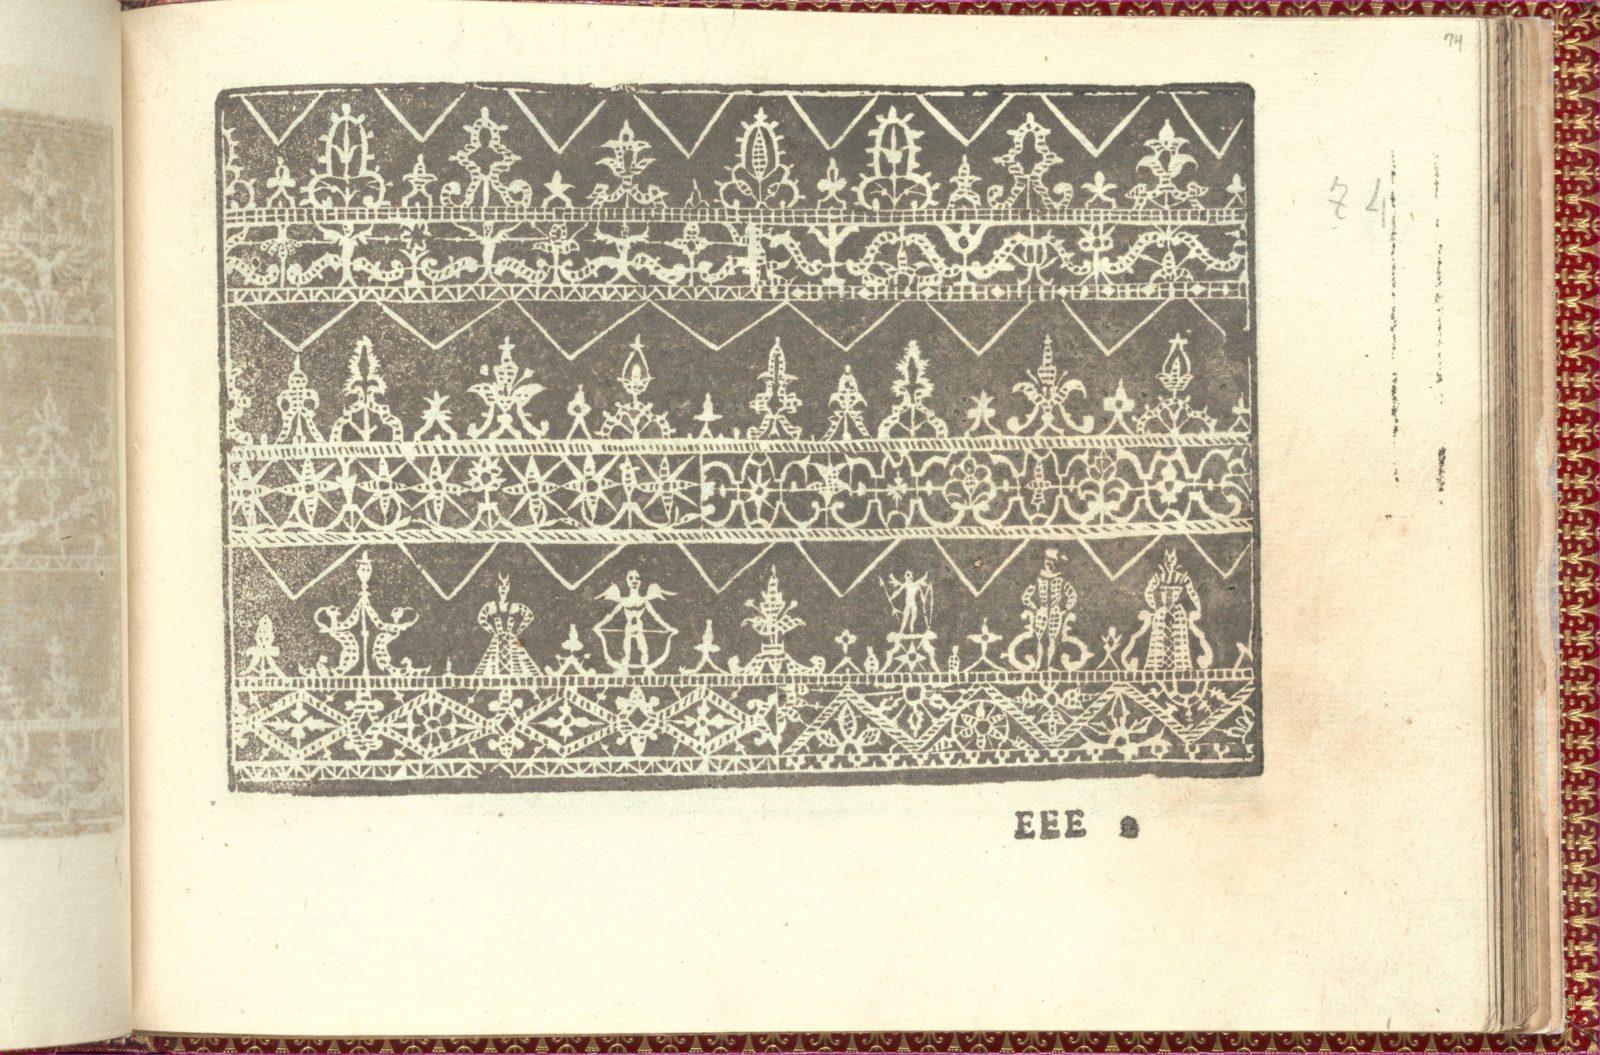 Corona delle Nobili et Virtuose Donne: Libro I-IV, page 74 (recto)